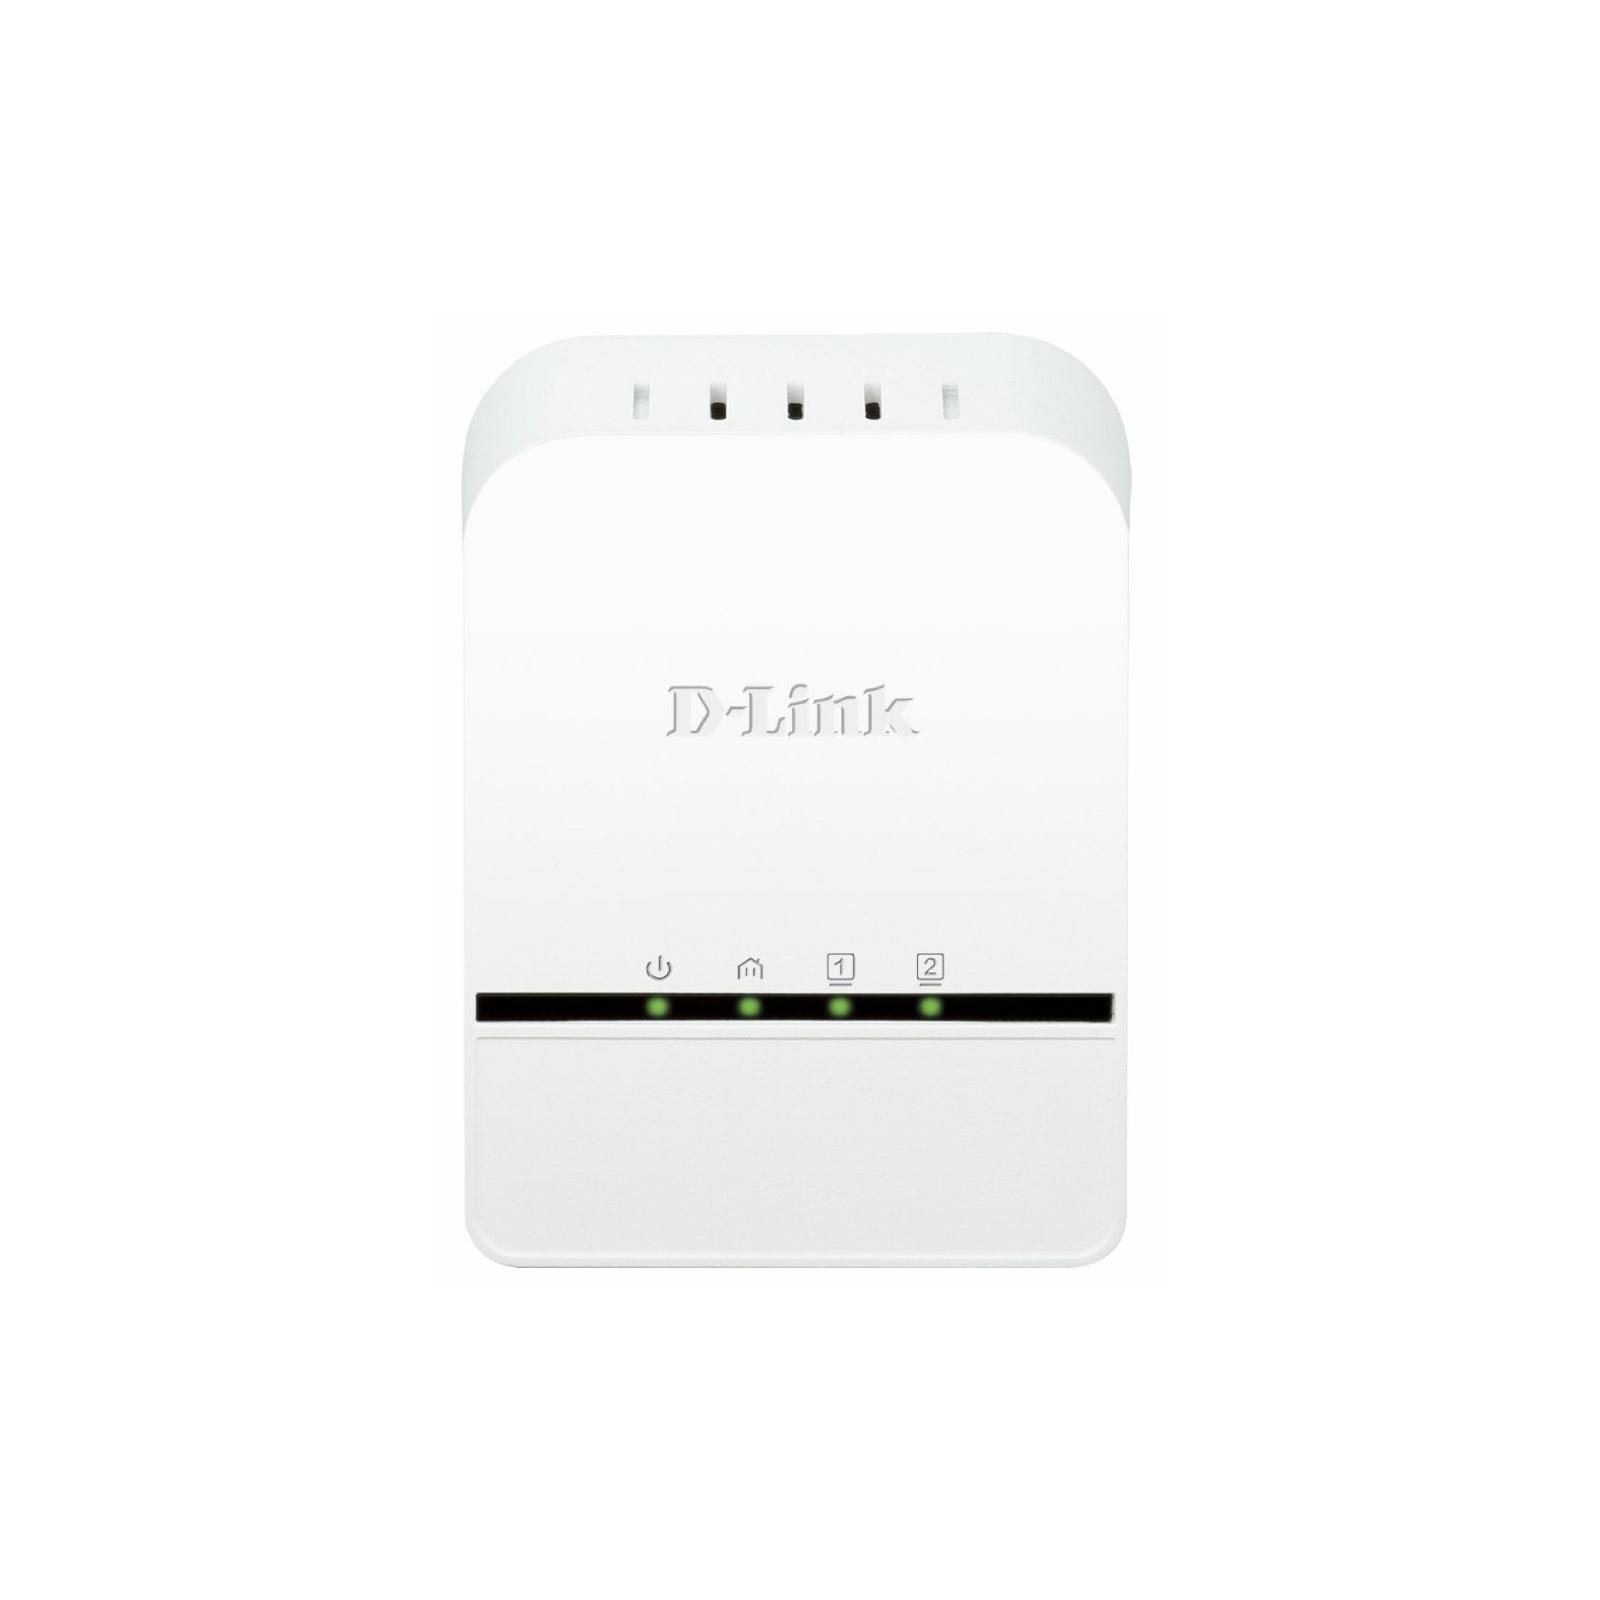 Адаптер Powerline D-Link DHP-329AV изображение 3